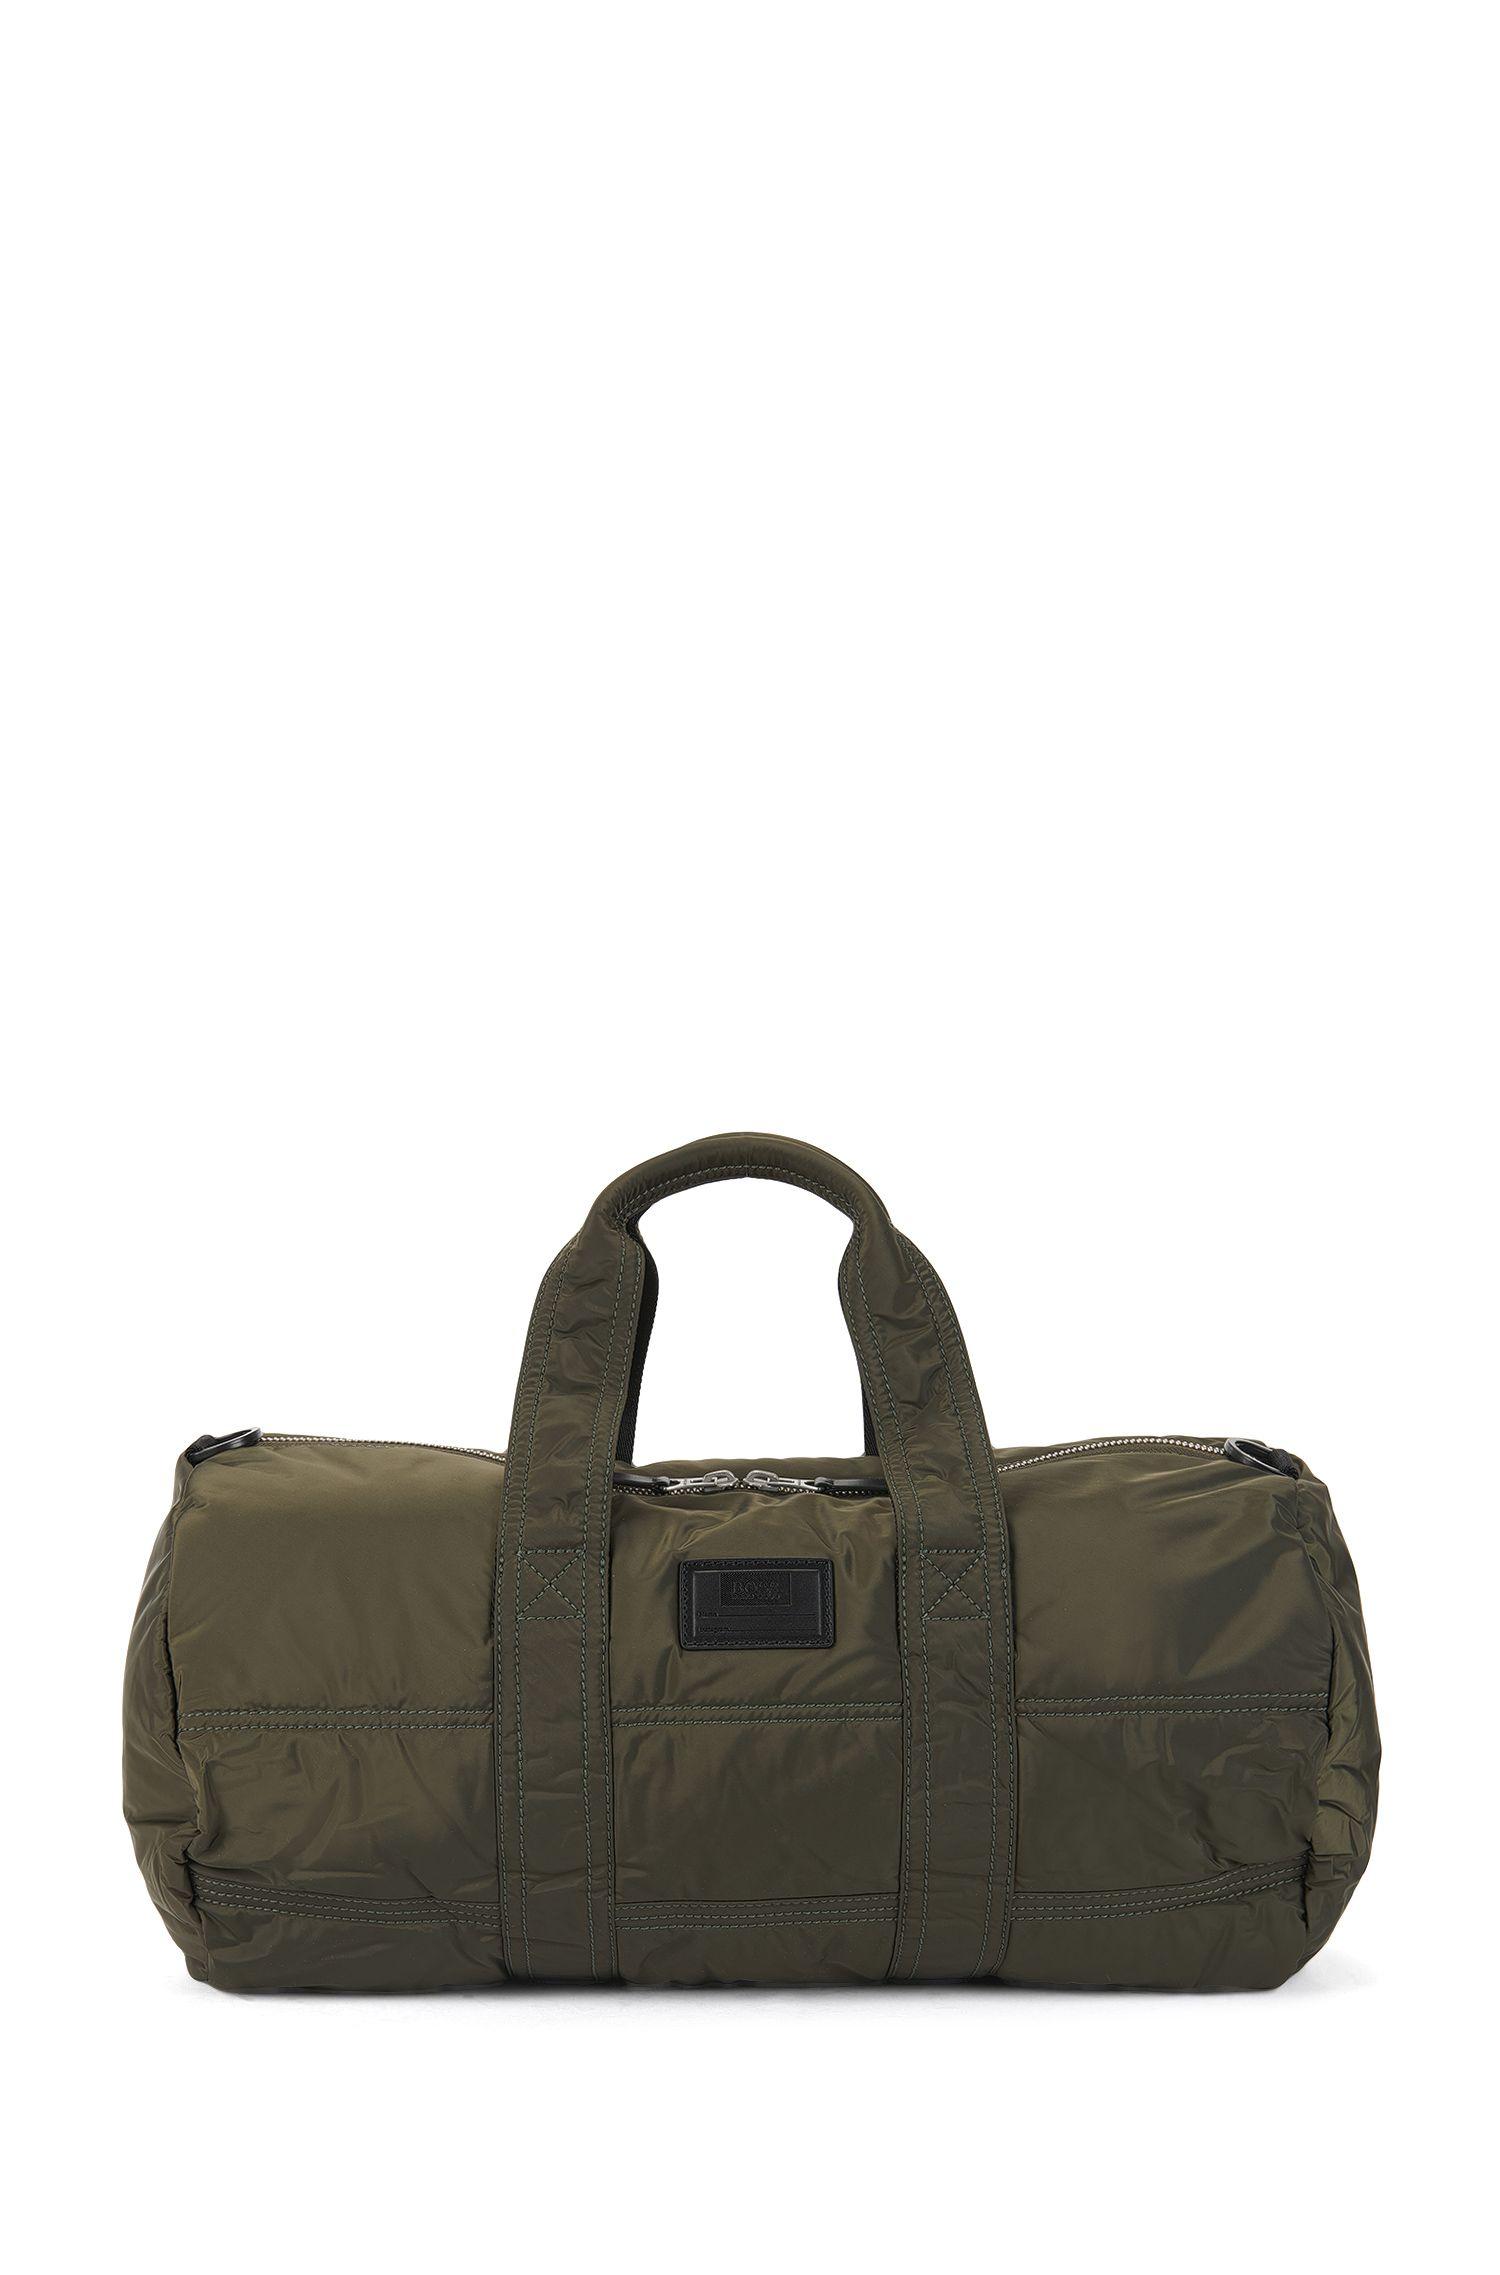 Amplio bolso weekender de poliamida acolchada con parche personalizable